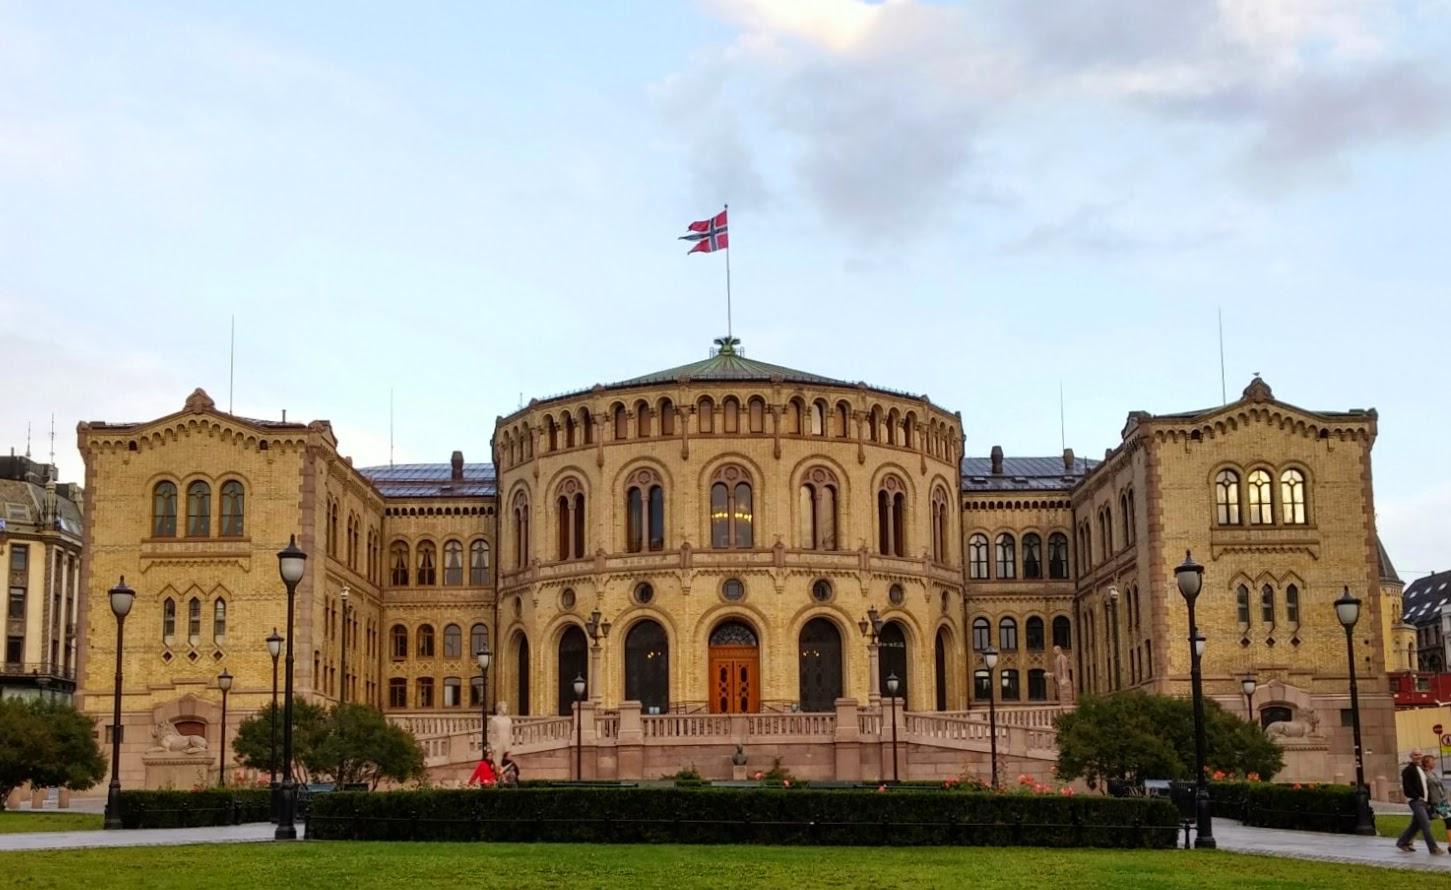 LNK håpar no på at stortingsfleirtalet vil auka støtta til arbeidet for barn på nynorsk. Foto: Andreas Haldorsen/Wikipedia/CC BY-SA 4.0-lisens